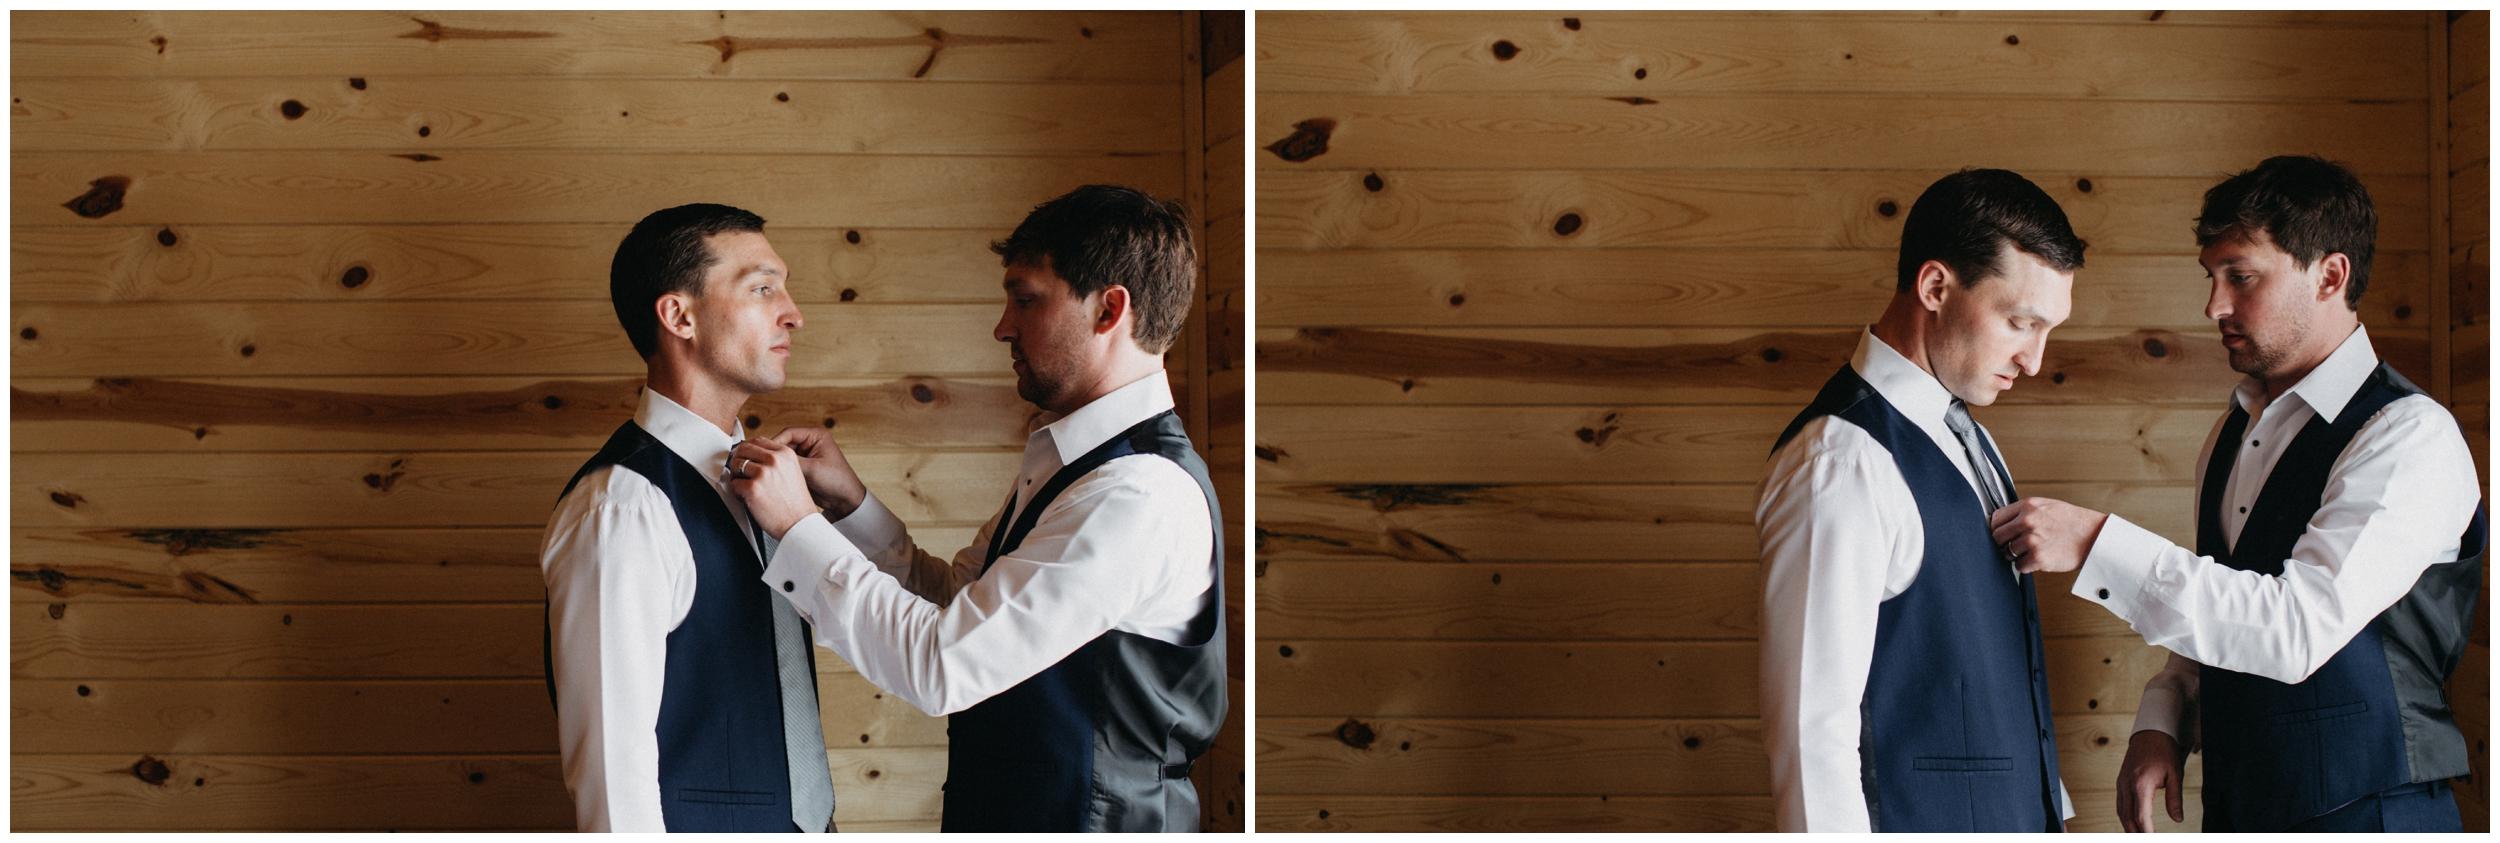 winter-wedding-craguns-resort-brainerd_0231.jpg